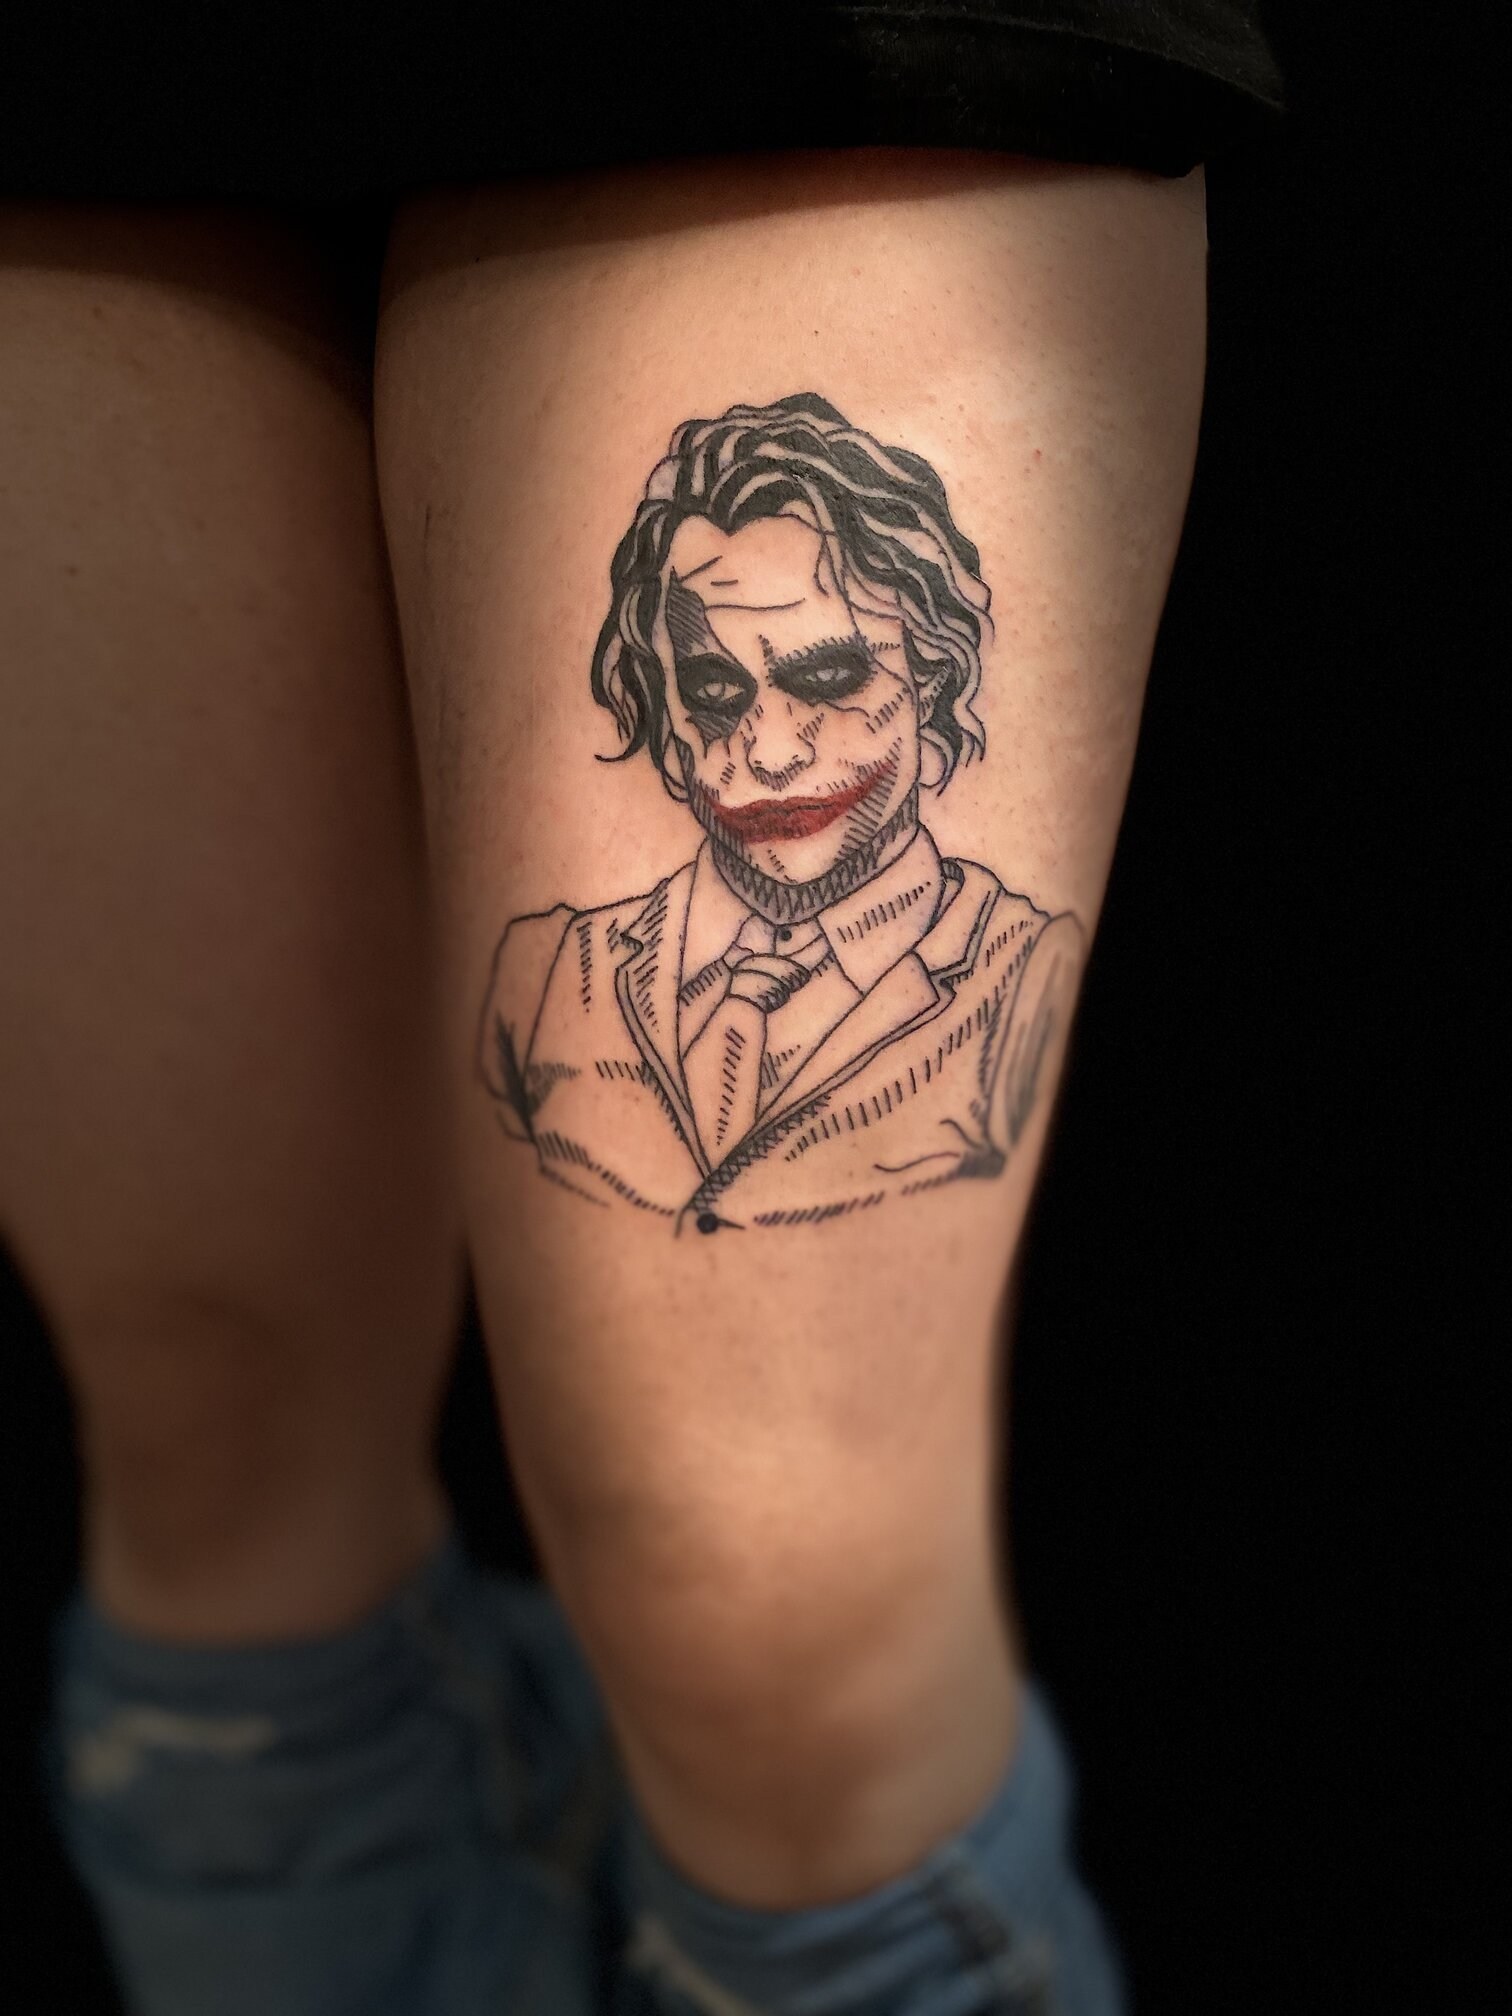 kristal haze tattoo artist joker leg